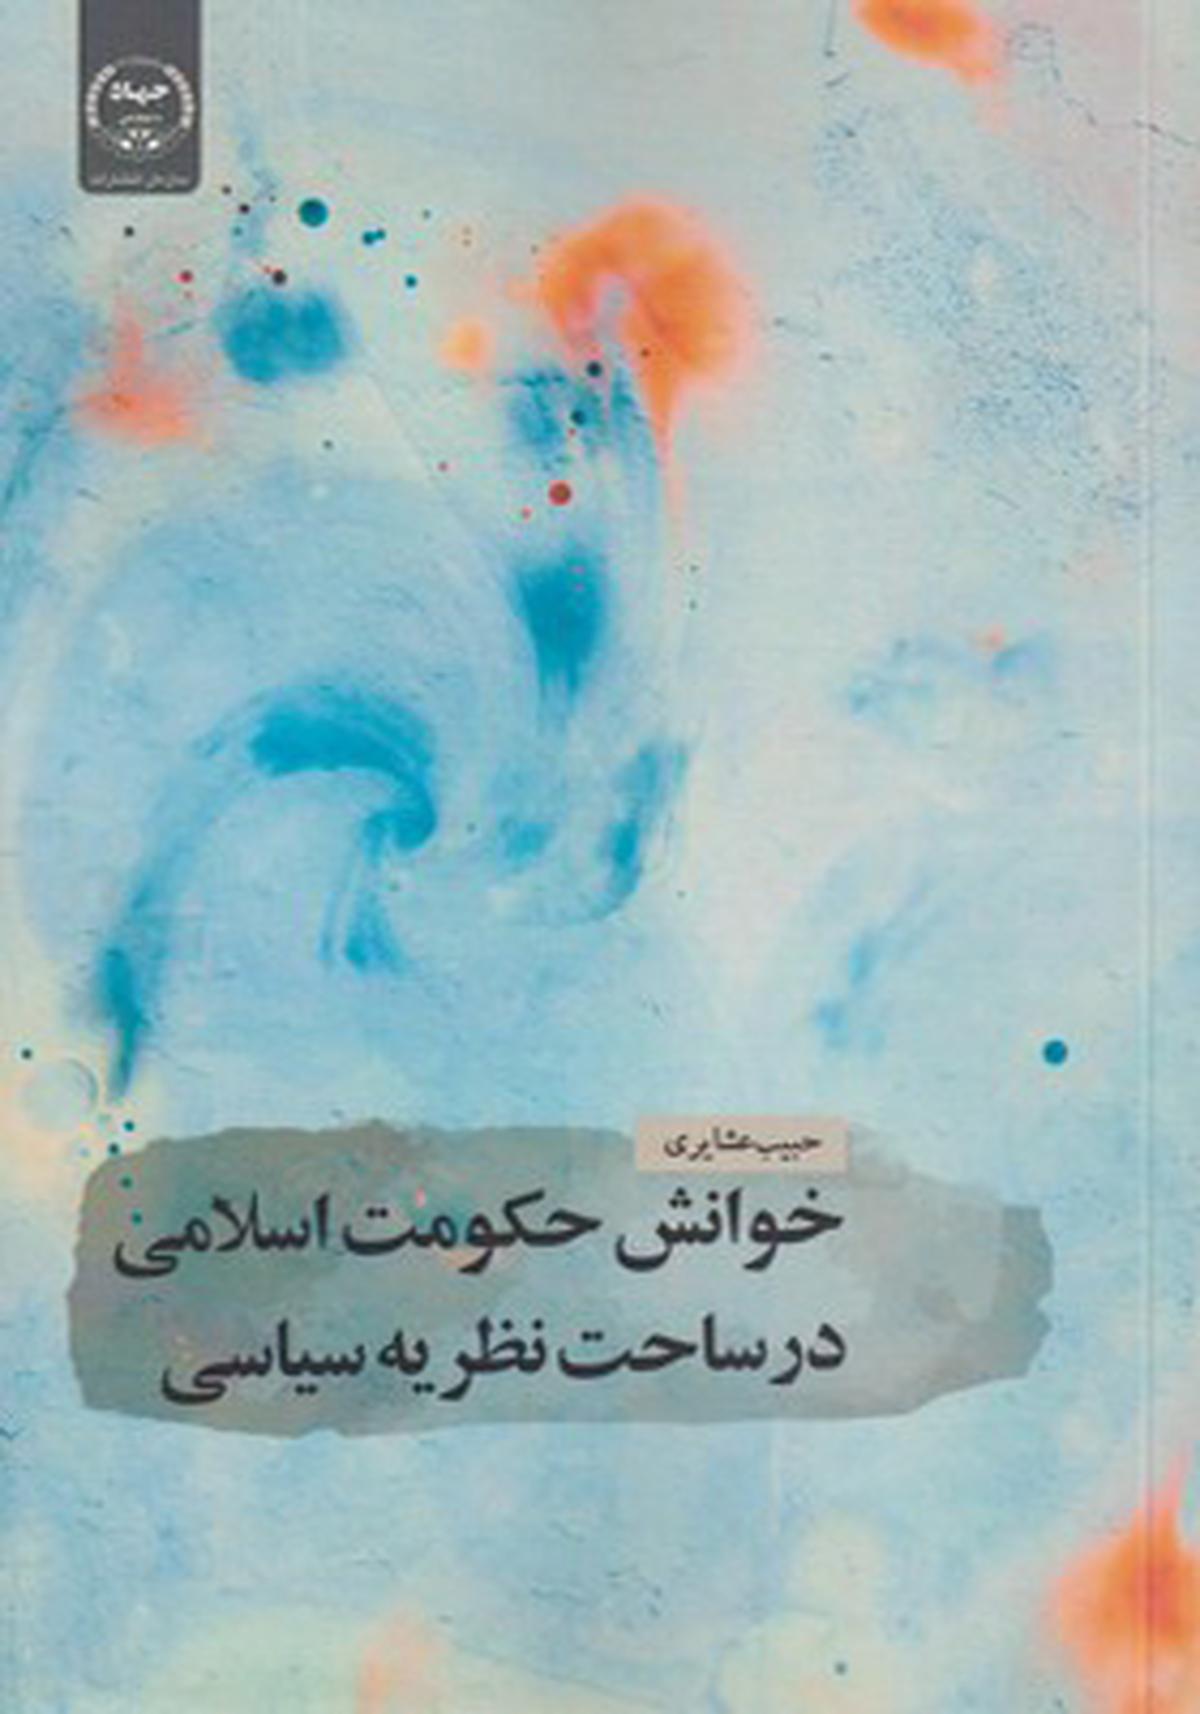 کتاب «خوانش حکومت اسلامی در ساحت نظریه سیاسی» به بازار نشر عرضه شد